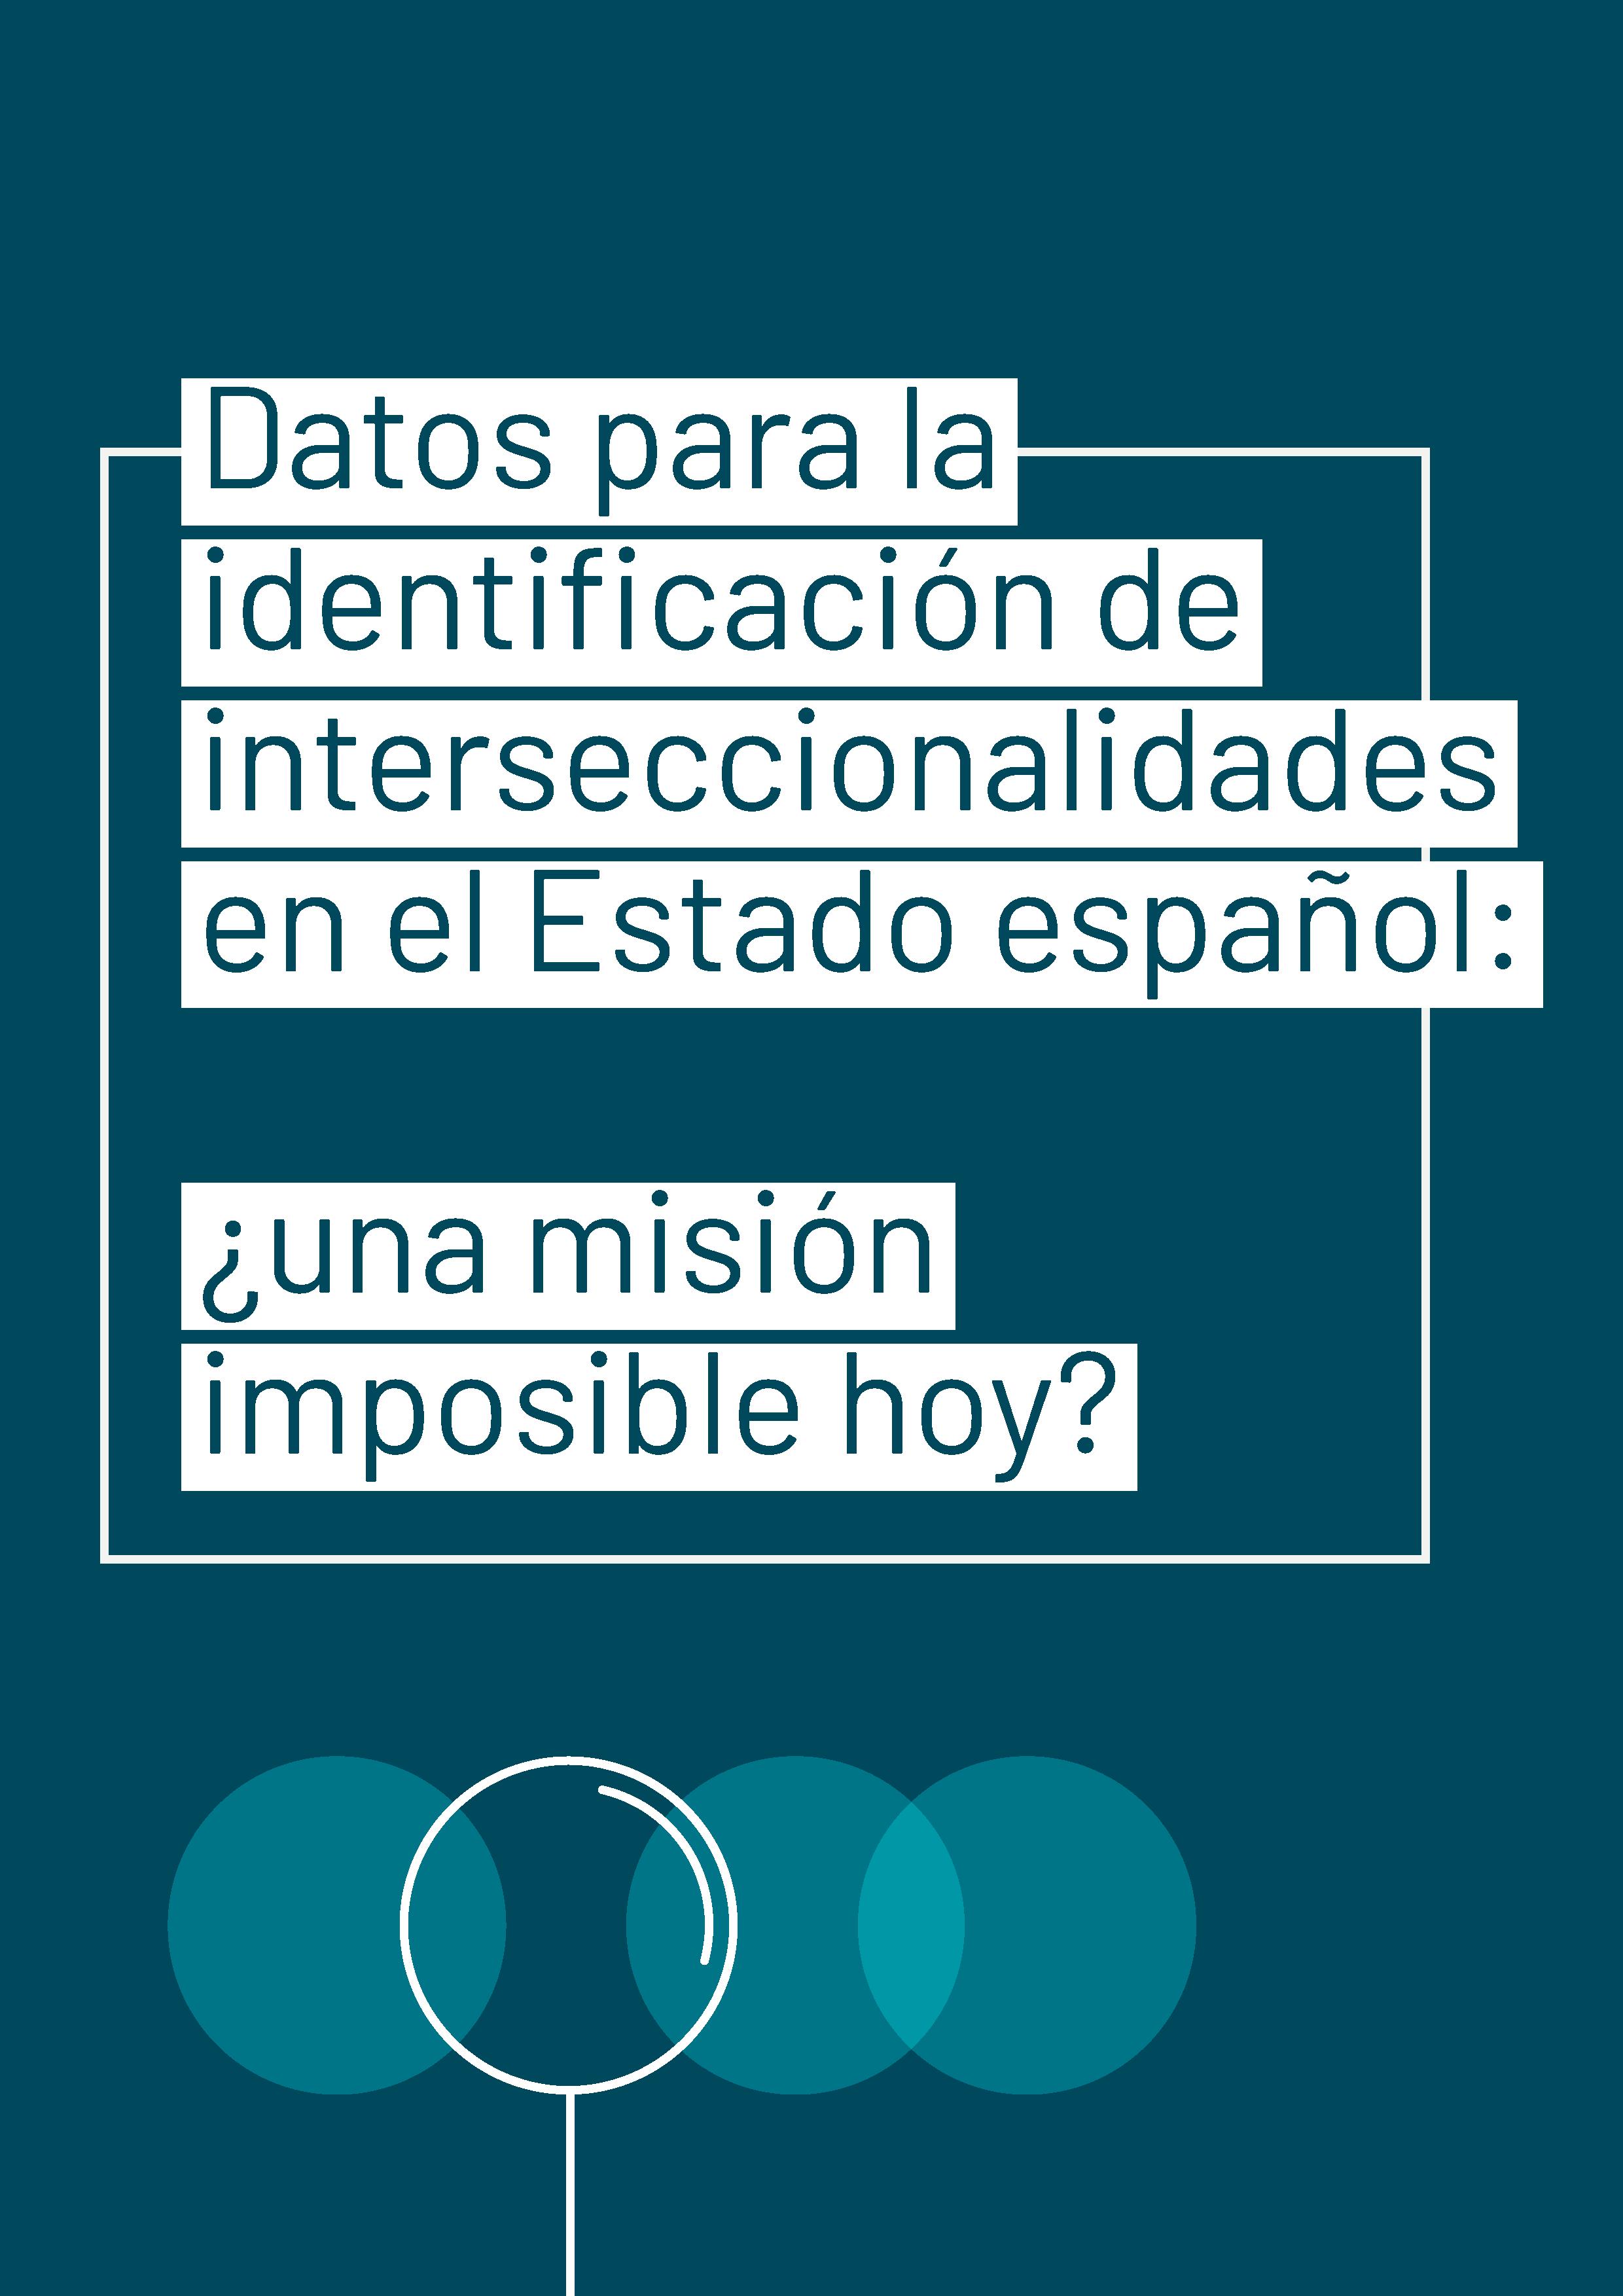 Dades per a la identificació d'interseccionalitats  a l'Estat espanyol: una missió impossible avui?